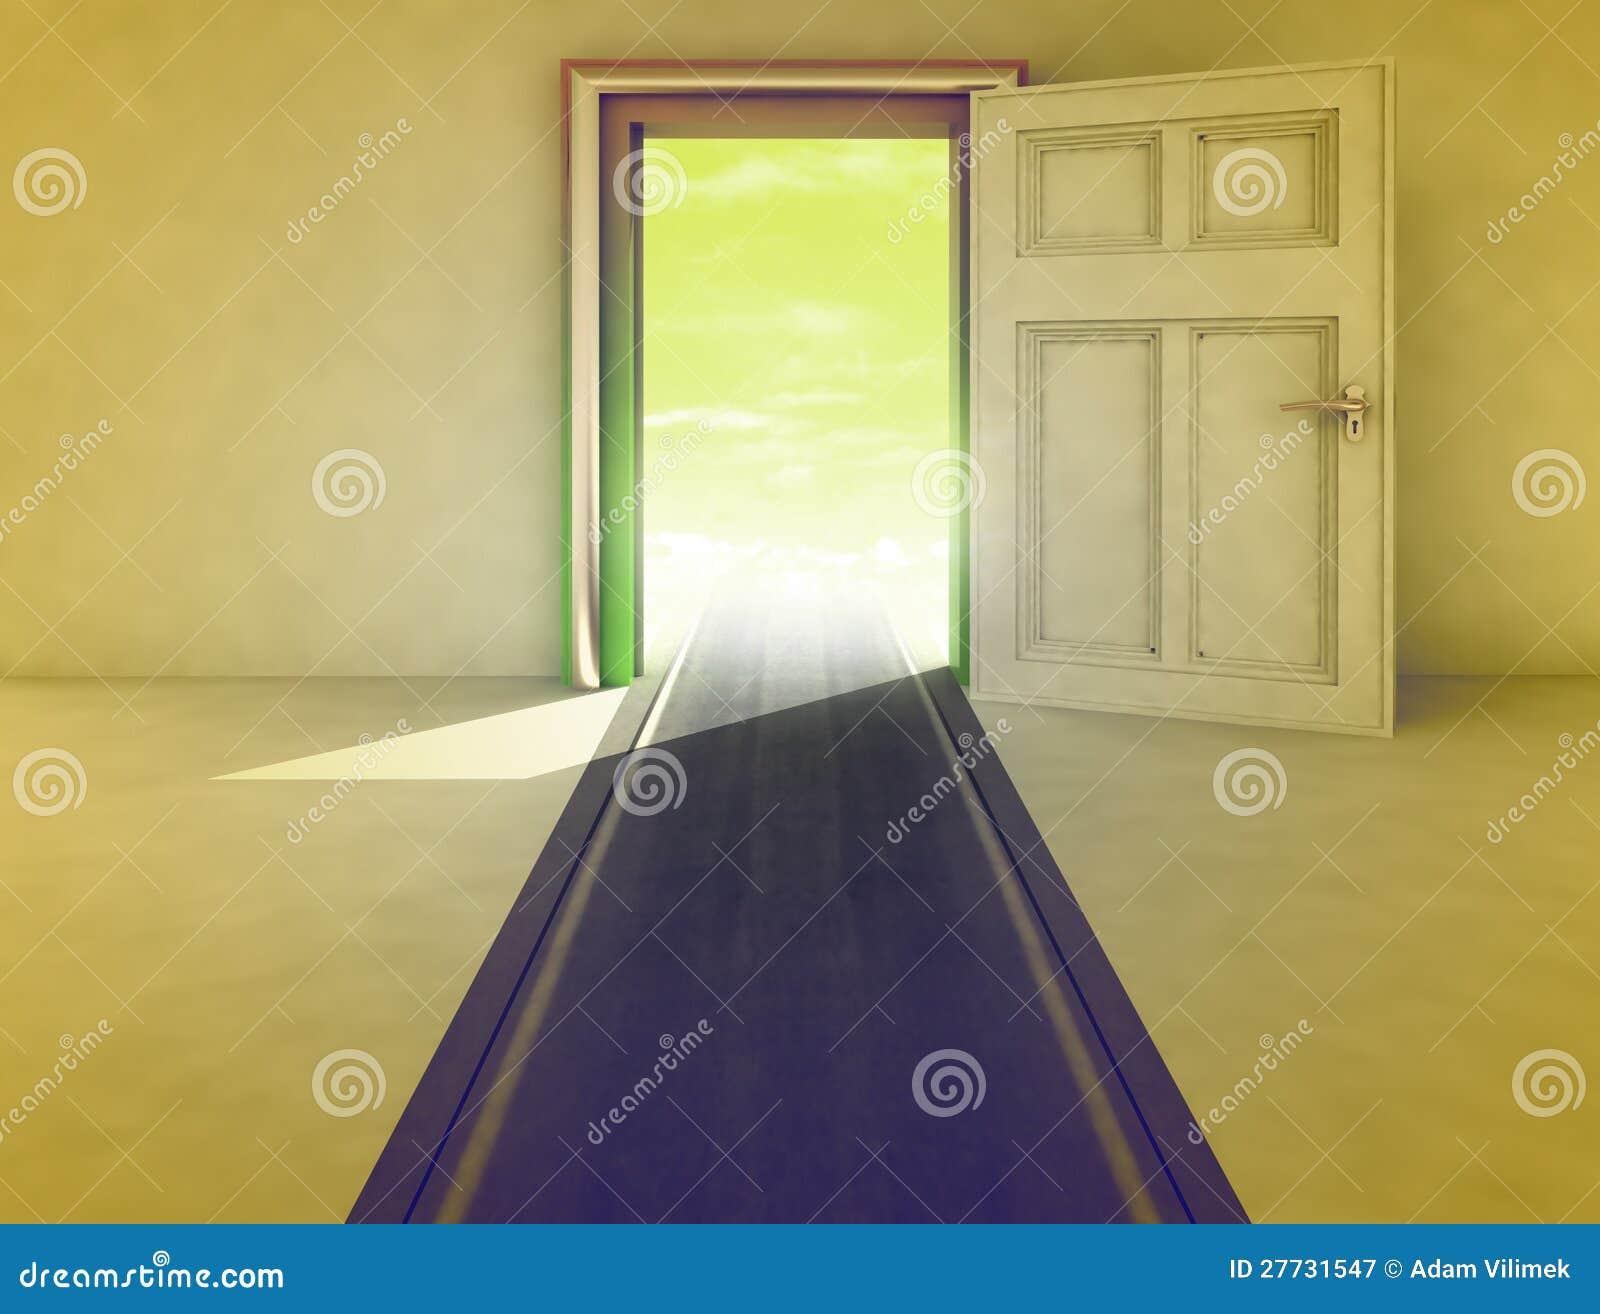 Offene Tür mit Datenbahnpfad